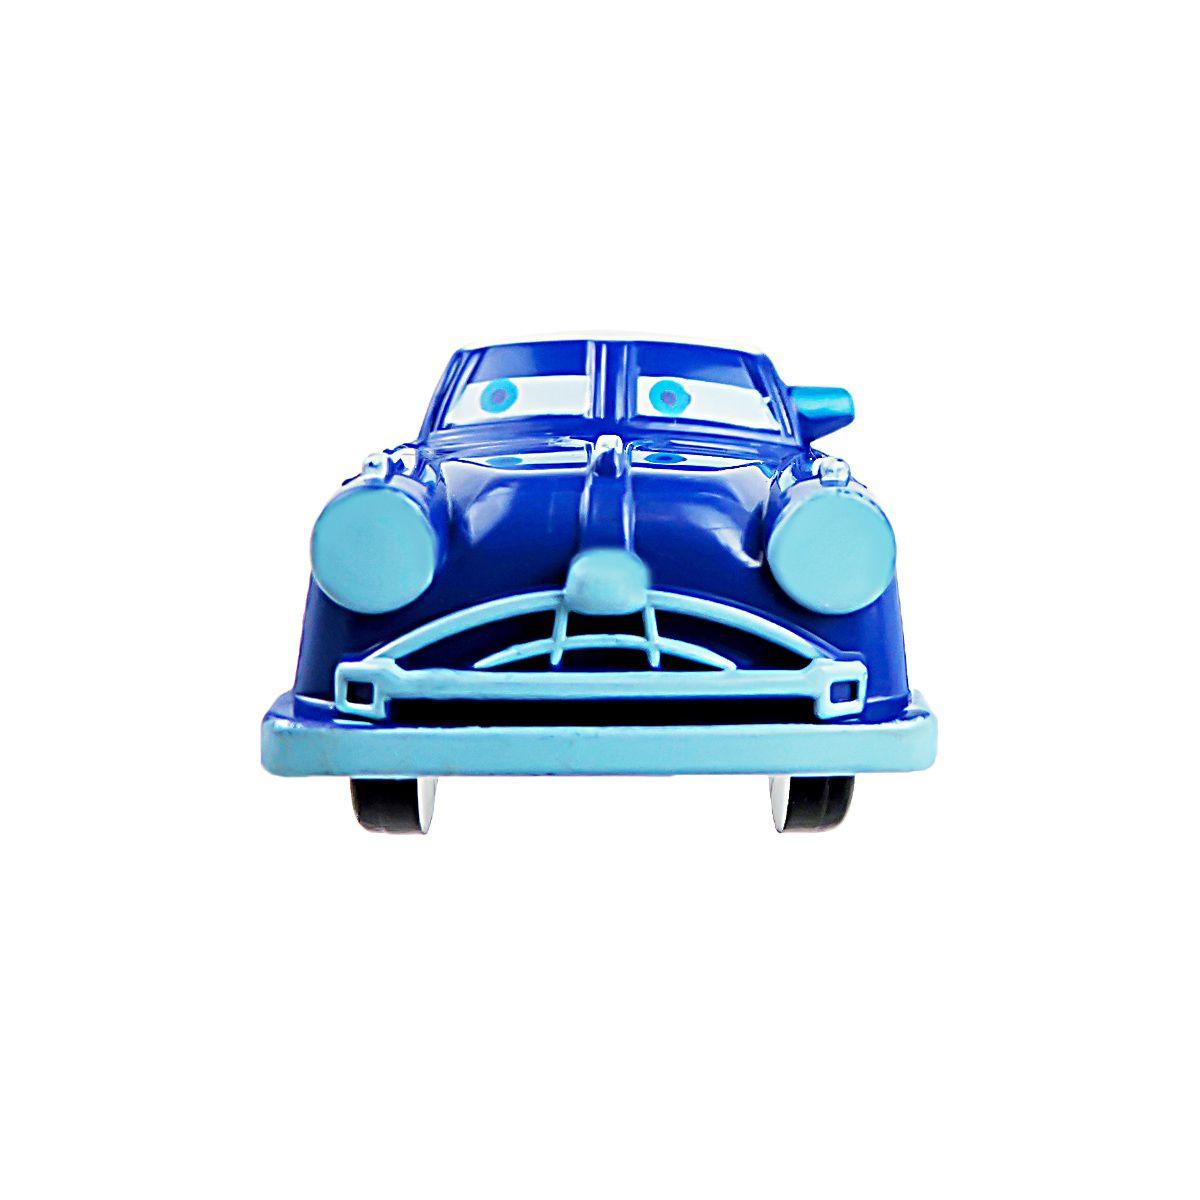 Carrinho Doc Hudson  Personagem Carros Disney Sacolinha Surpresa